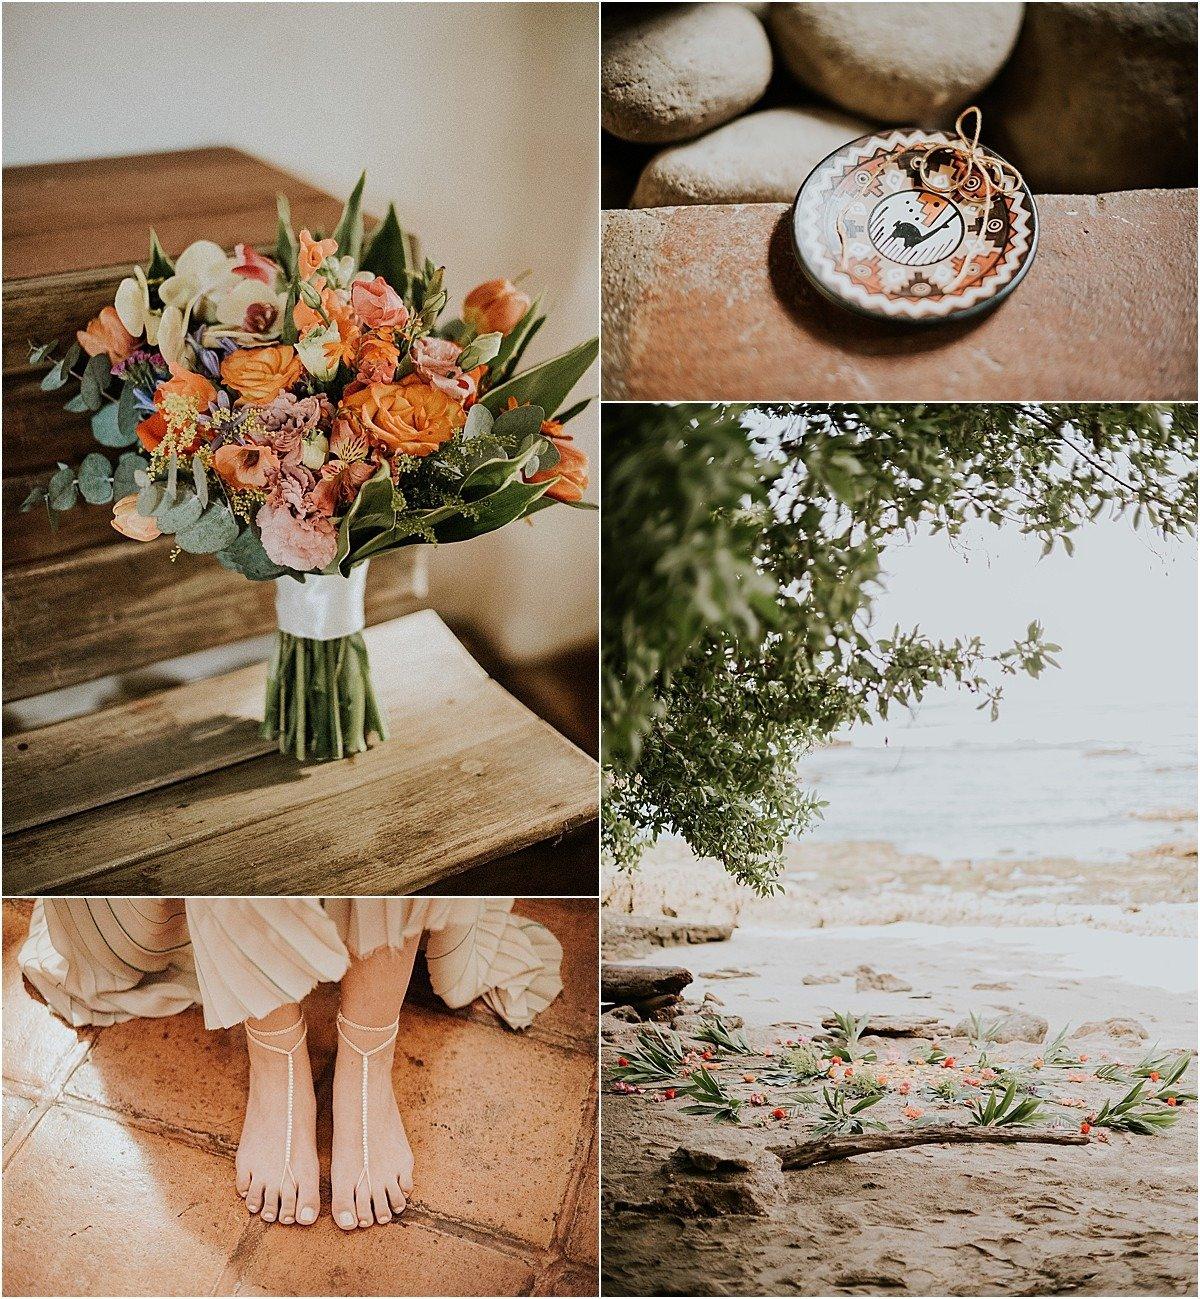 elopement details by Adri Mendez